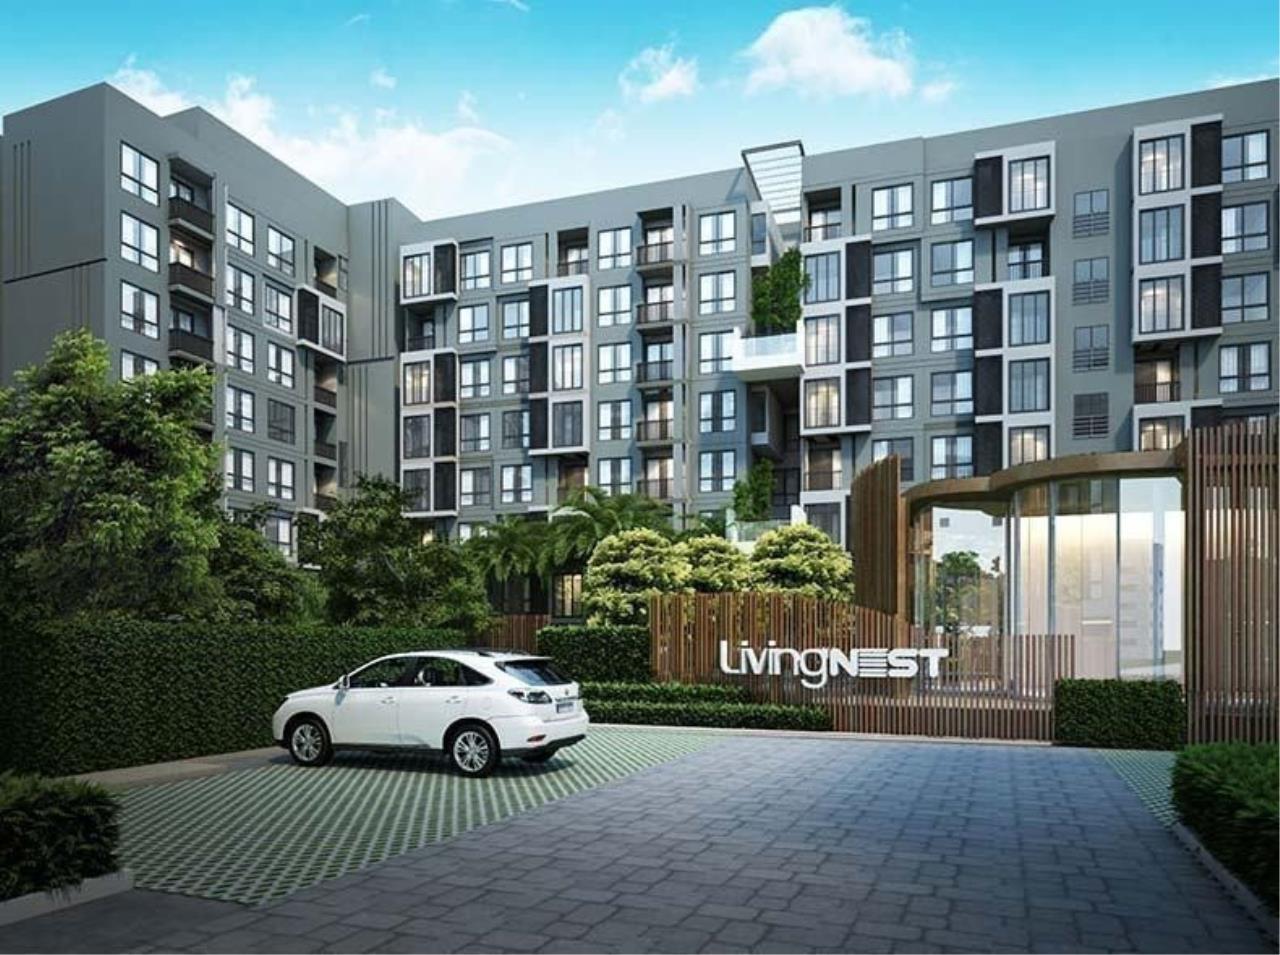 living nest ramkhamhaeng condo bangkok 593f5b9d6d275e583d000028_full